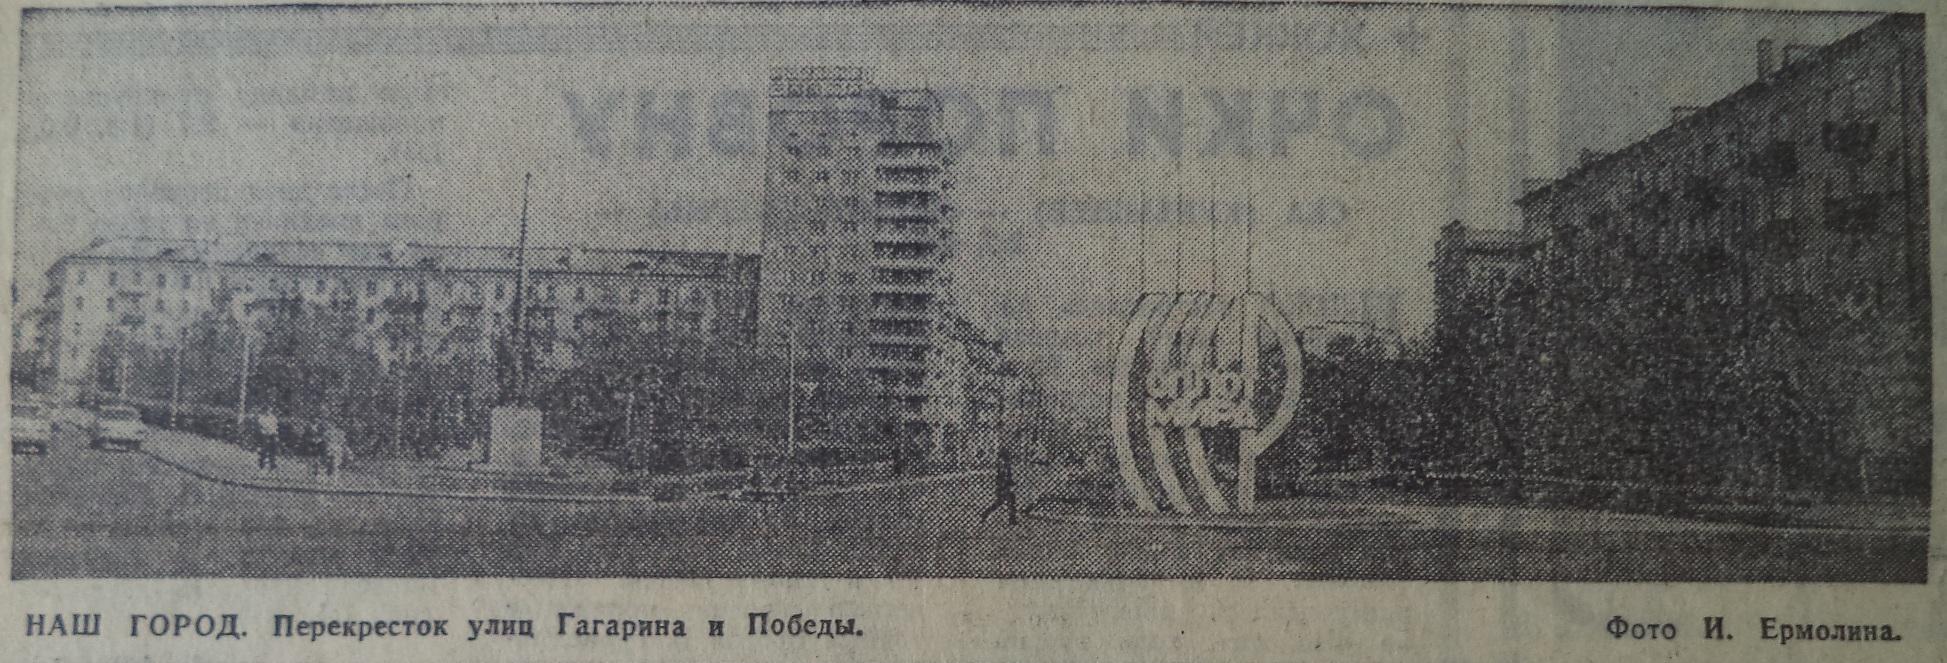 Победы-ФОТО-77-ВЗя-1975-10-27-фото Поб.-Гаг.